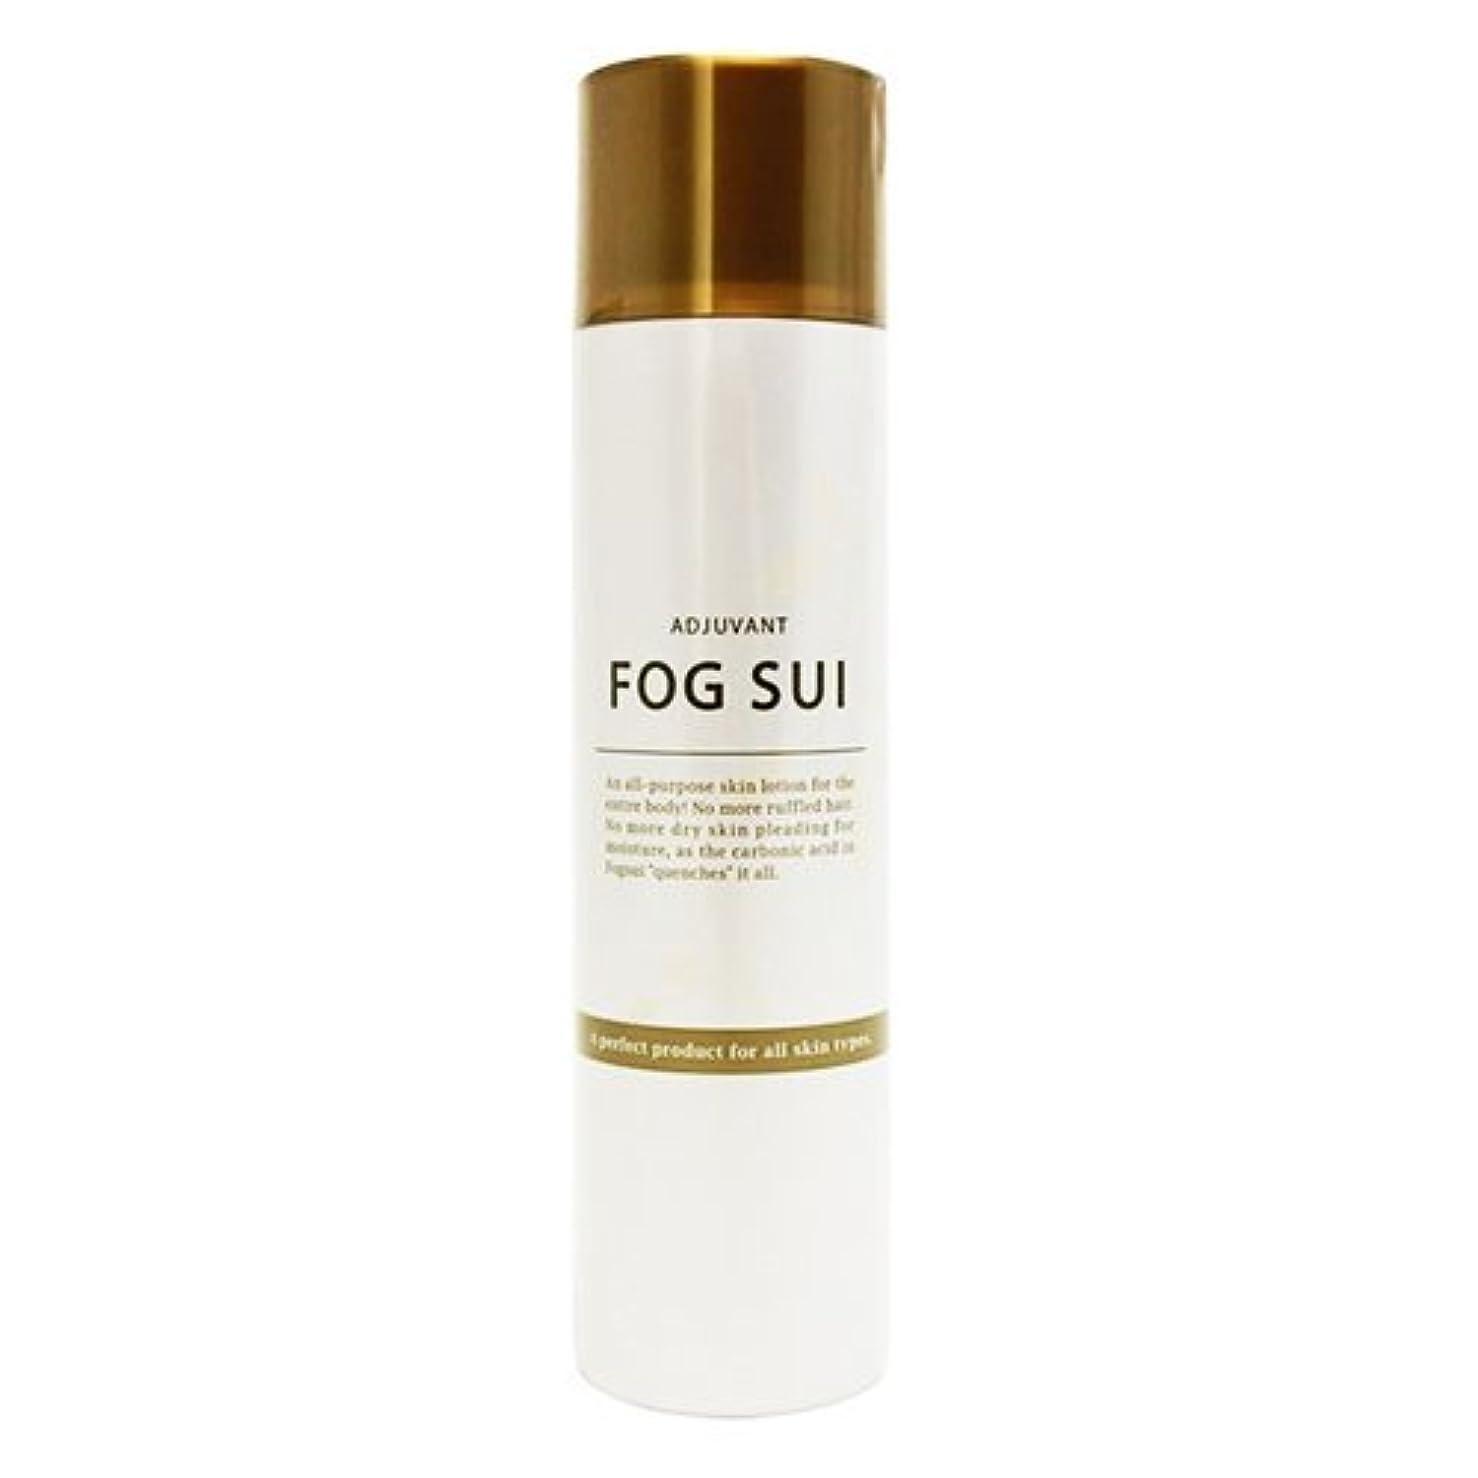 欠伸位置する地下室アジュバン フォグスイ 【全身用化粧水】 FOGSUI  120g